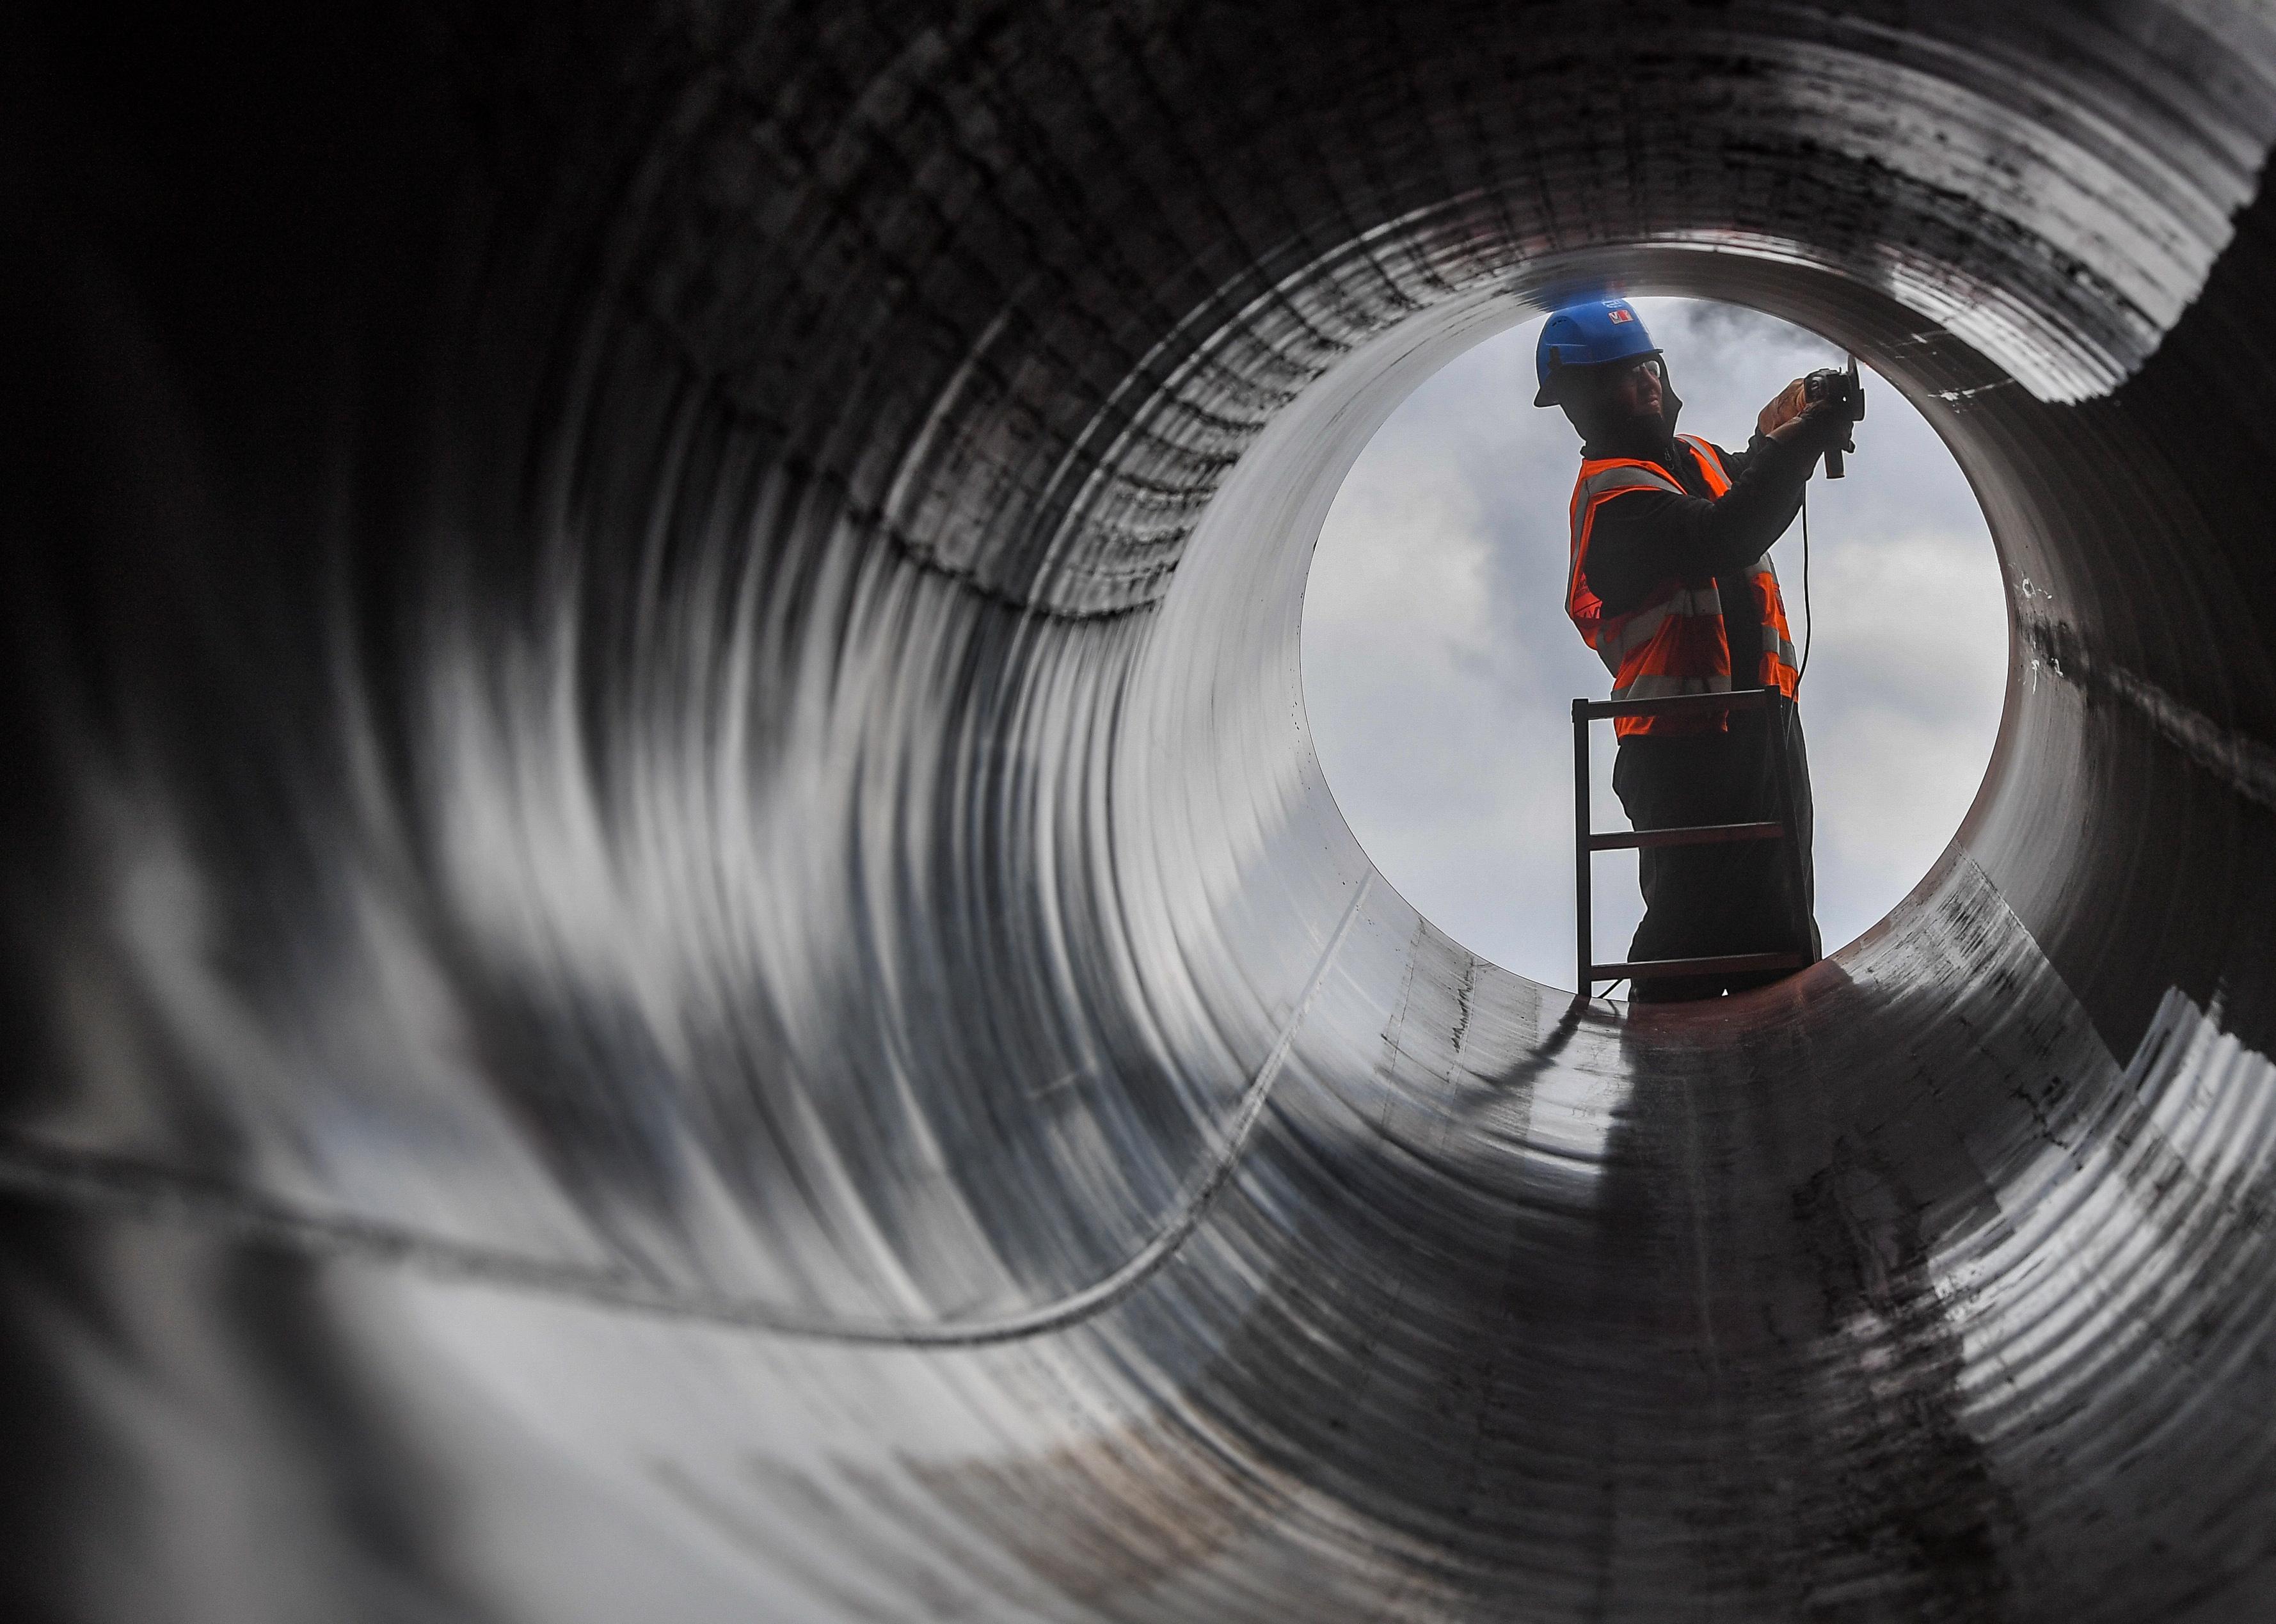 Le kellett zárni az egyik legnagyobb amerikai olajvezetéket kibertámadás miatt